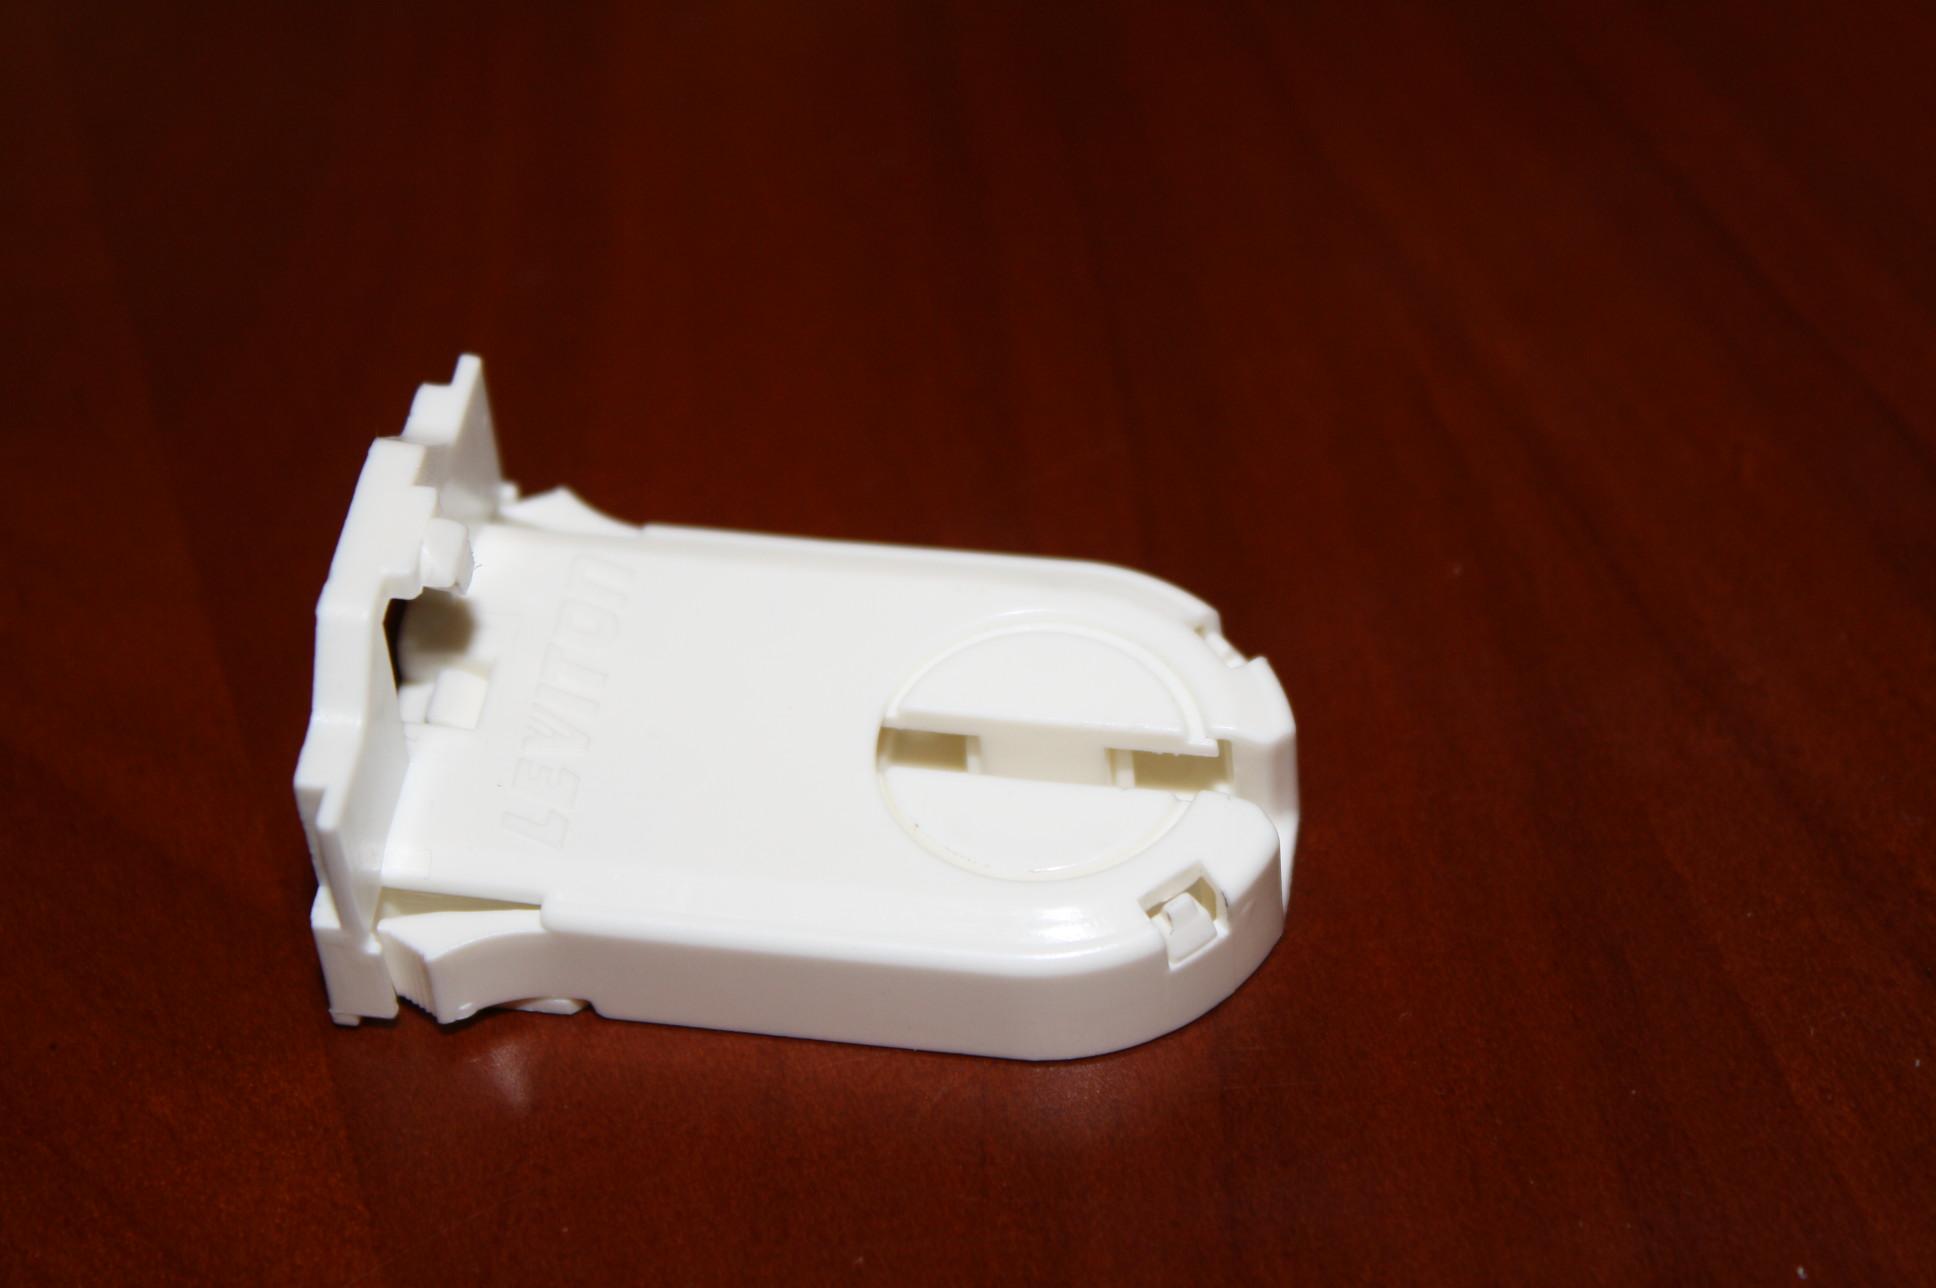 fluorescent light holder home inverter wiring diagram 1400 leviton 23660 swp white 600v 660w t8 t12